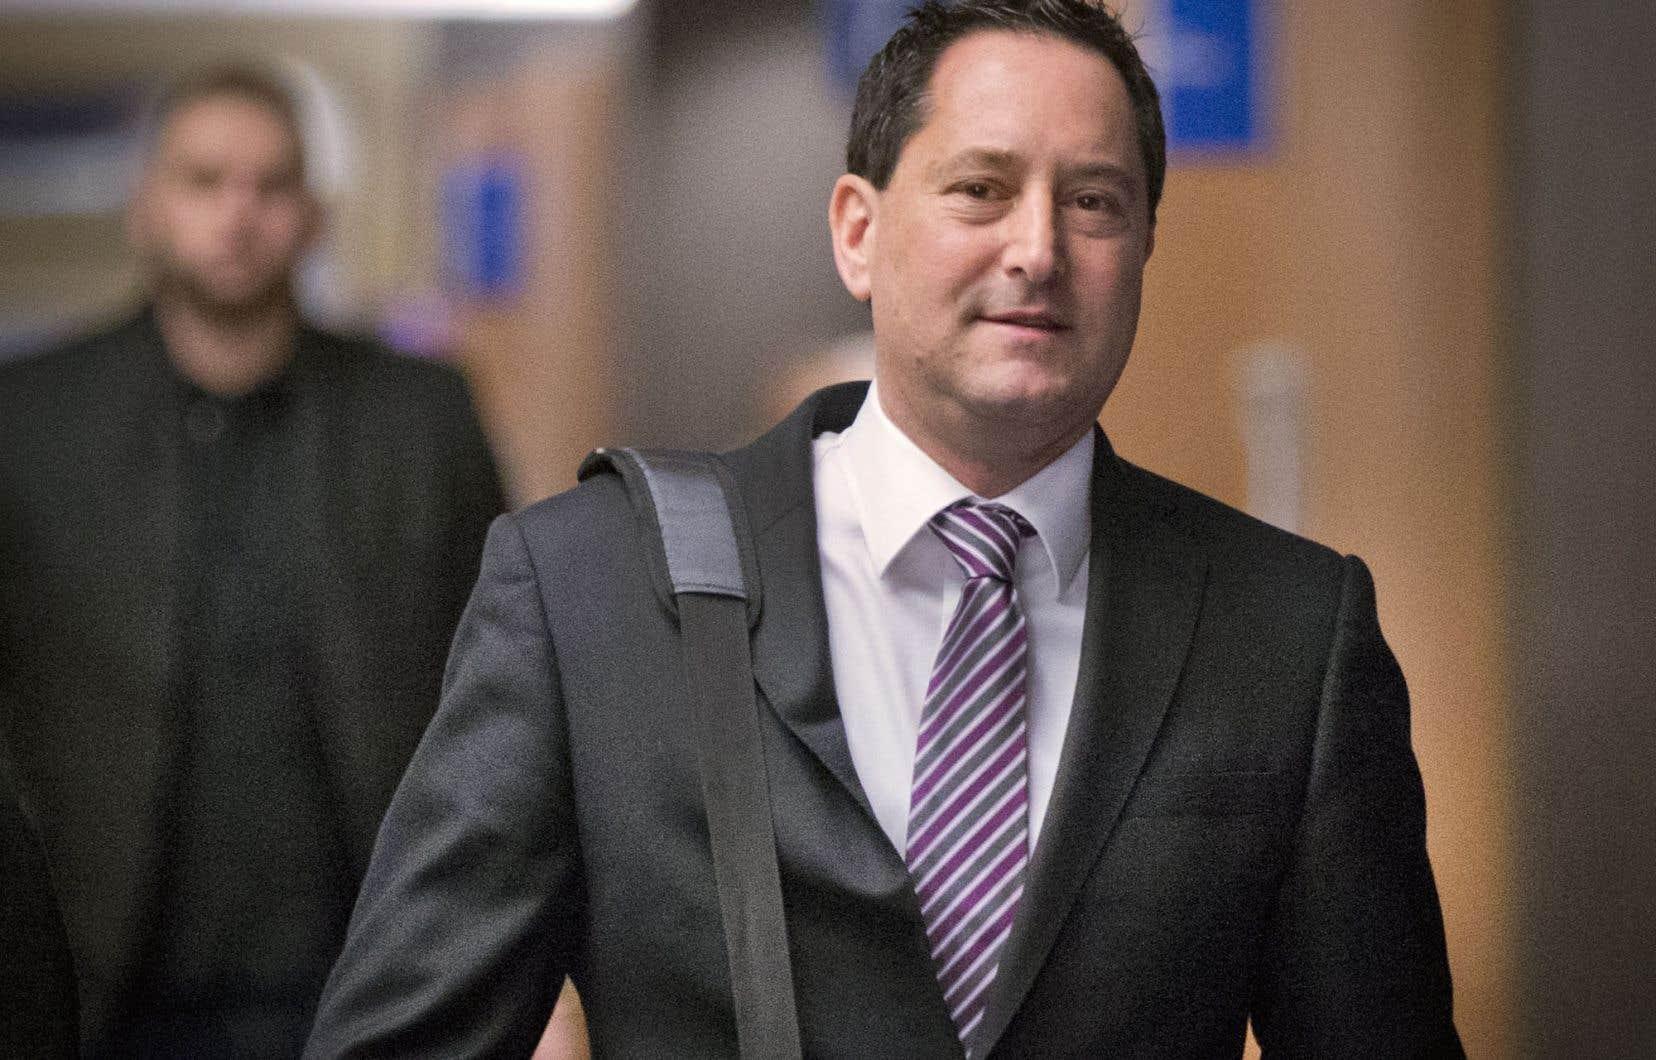 L'ancien maire de Montréal par intérim Michael Applebaum a remporté une victoire en Cour supérieure, lundi.